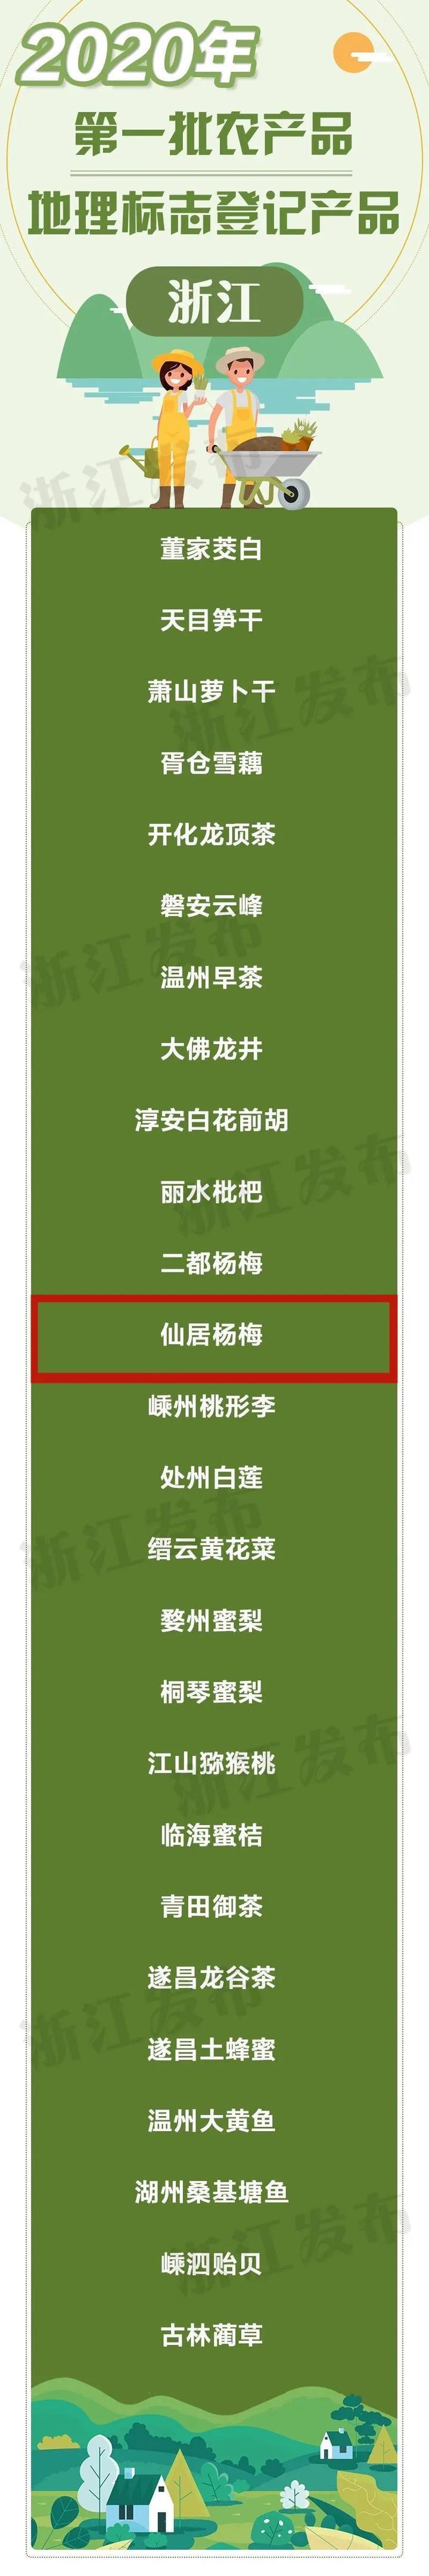 重磅丨仙居杨梅获国家认证,6月,我们在仙居等你呦!